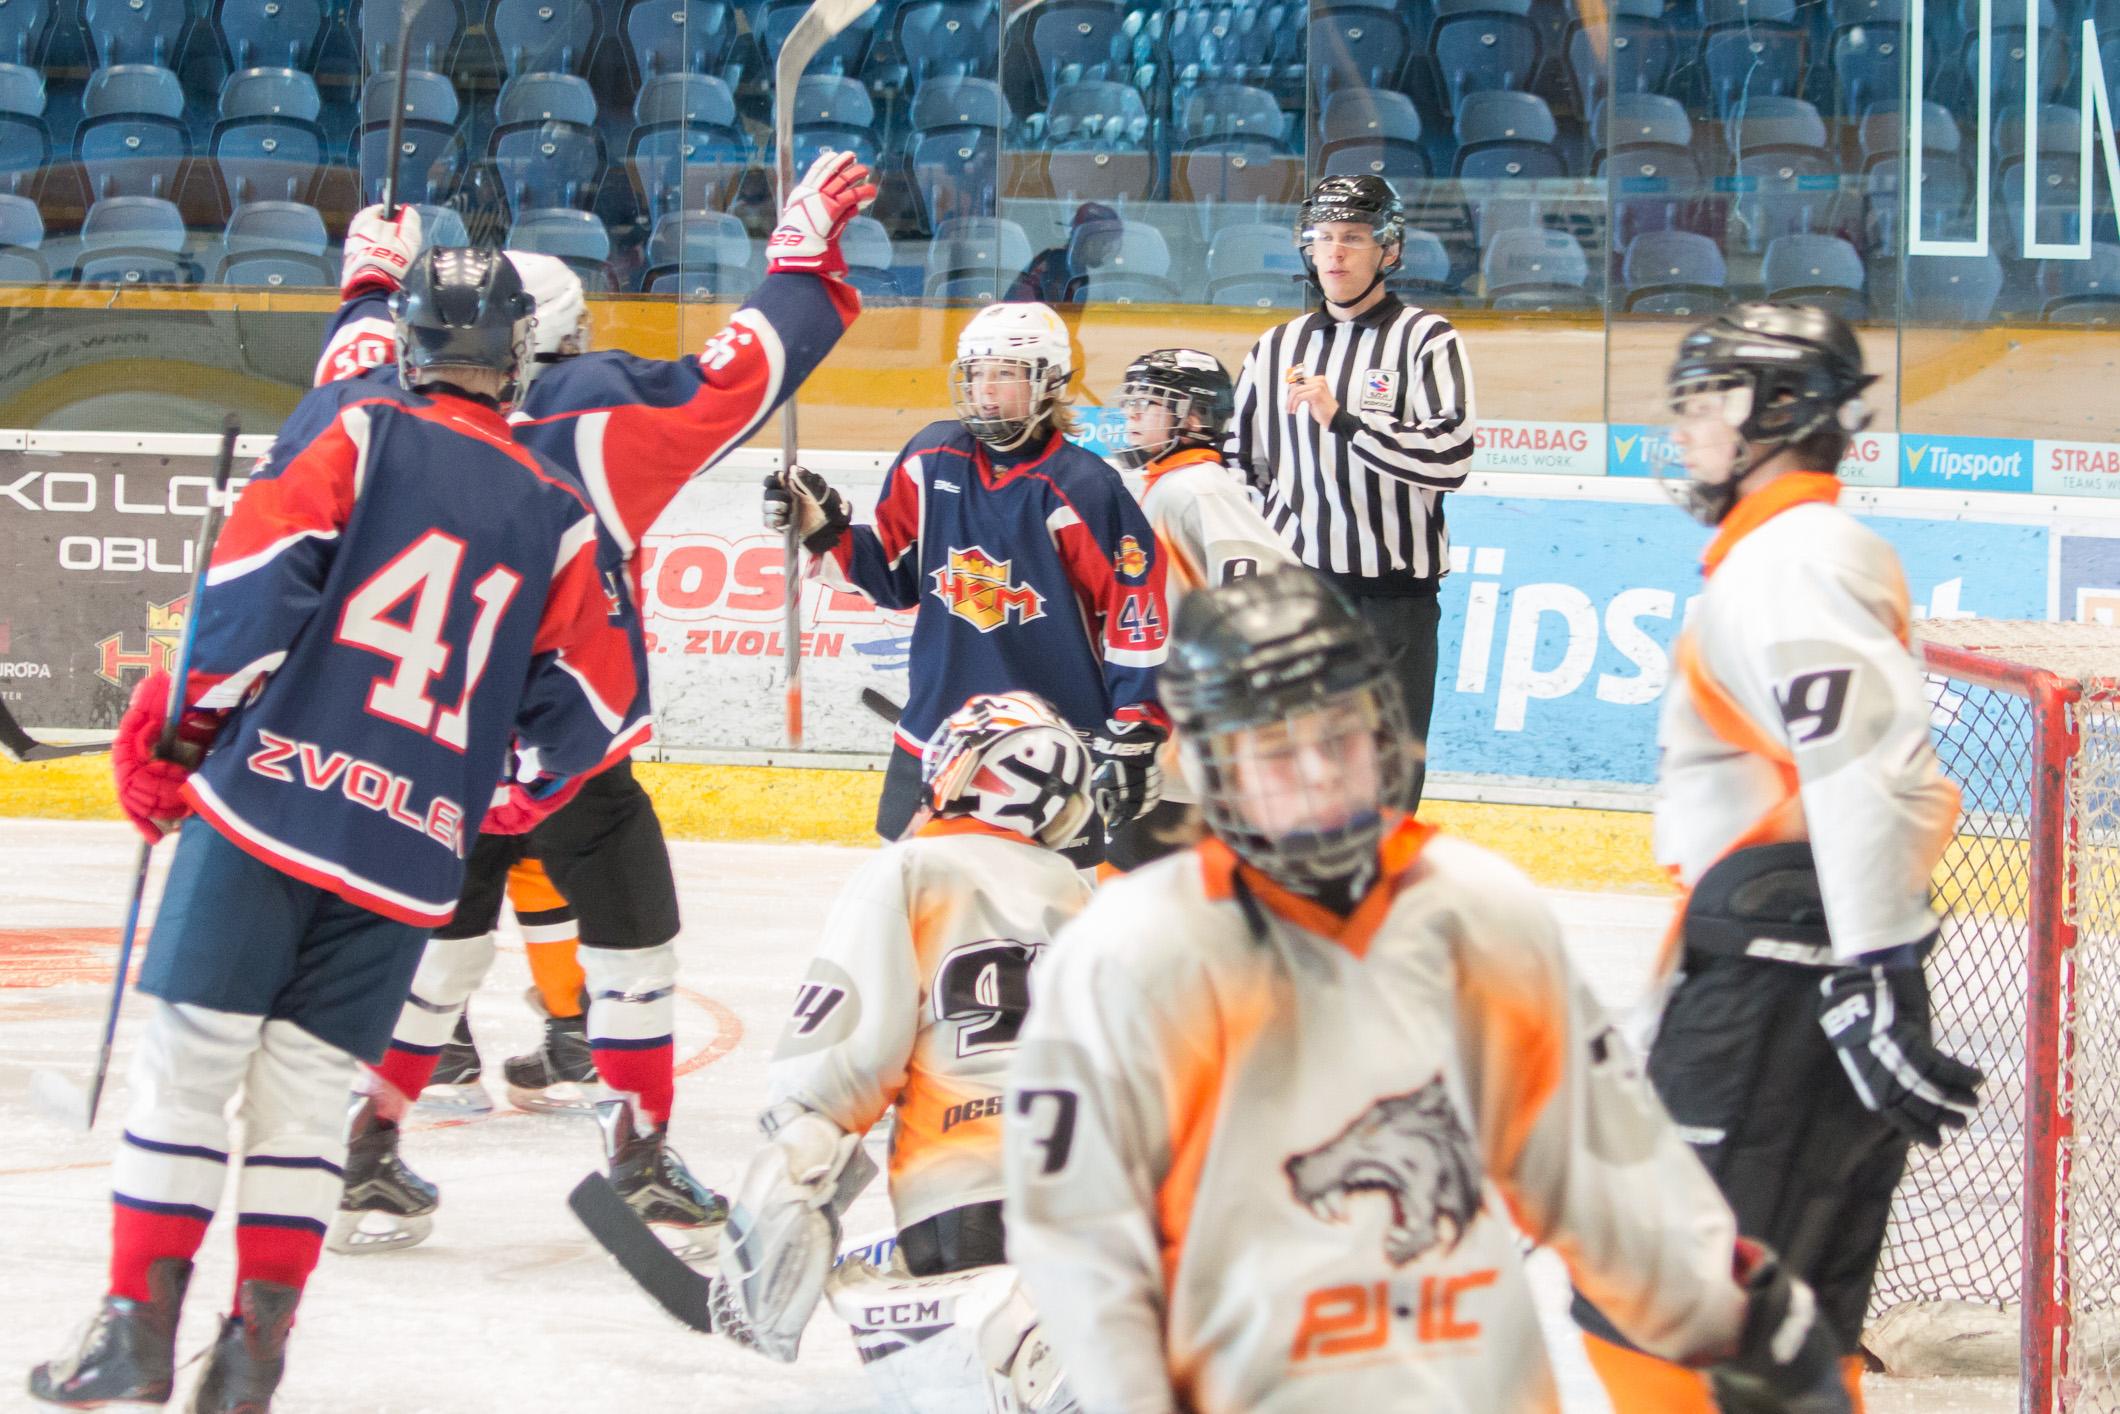 turnaj-st-ziakov-hokej-zv-18